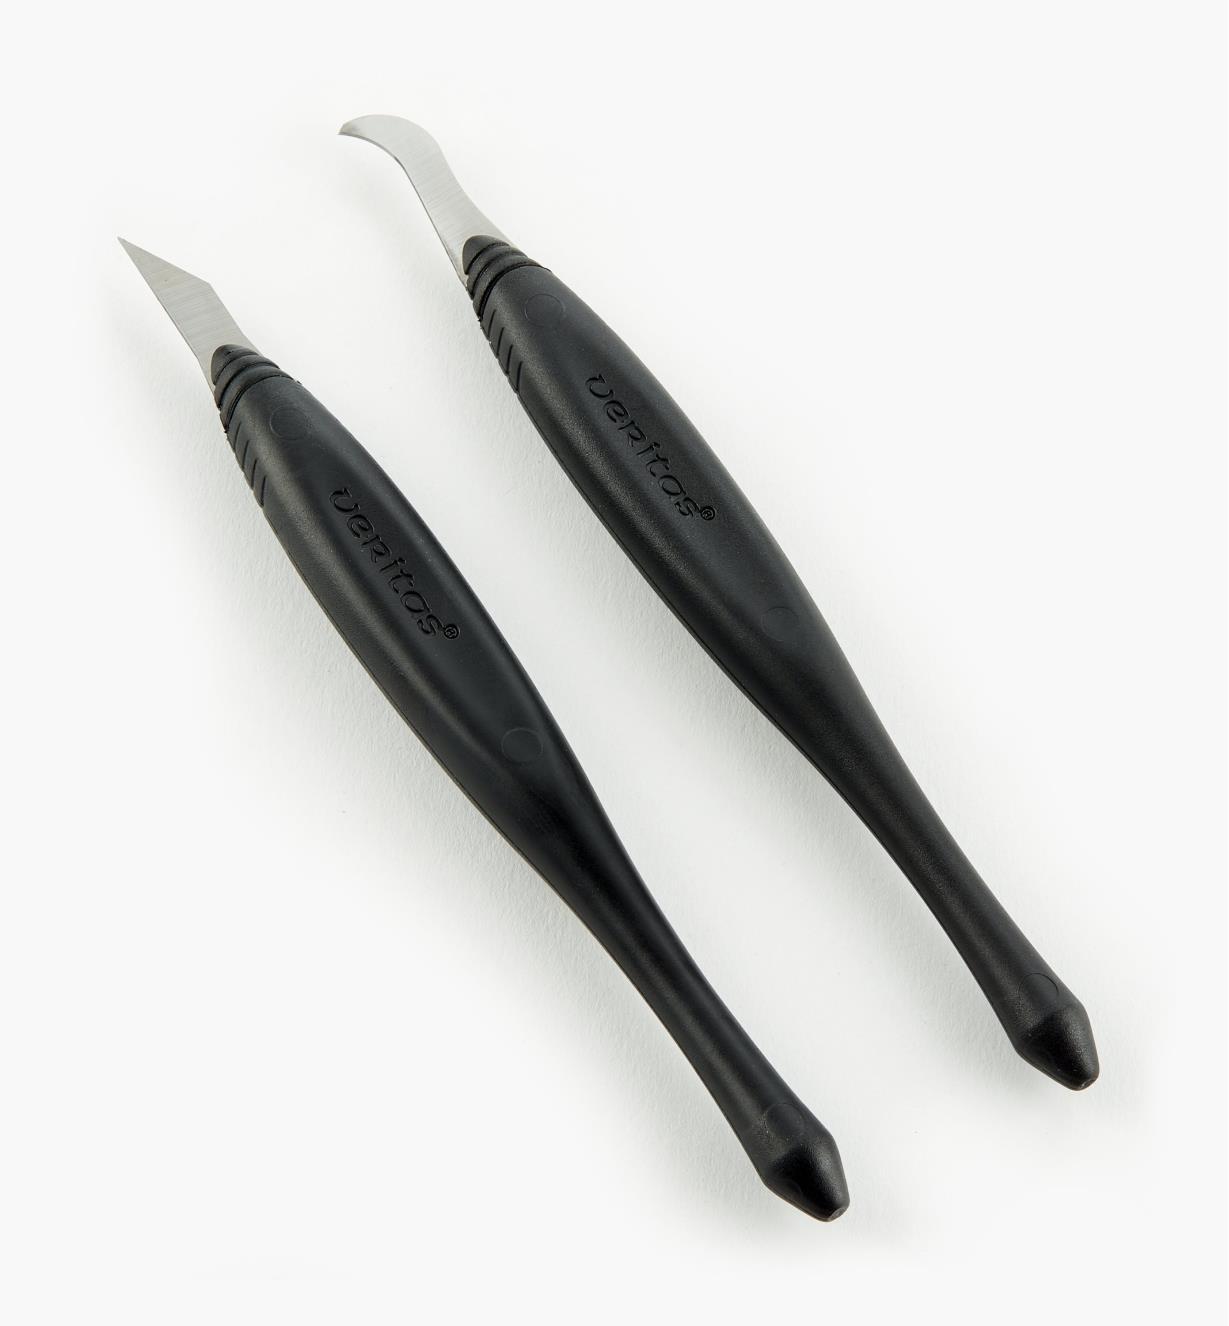 05K1232 - Ensemble de couteaux à rainurer et de finition Veritas, 0,032po